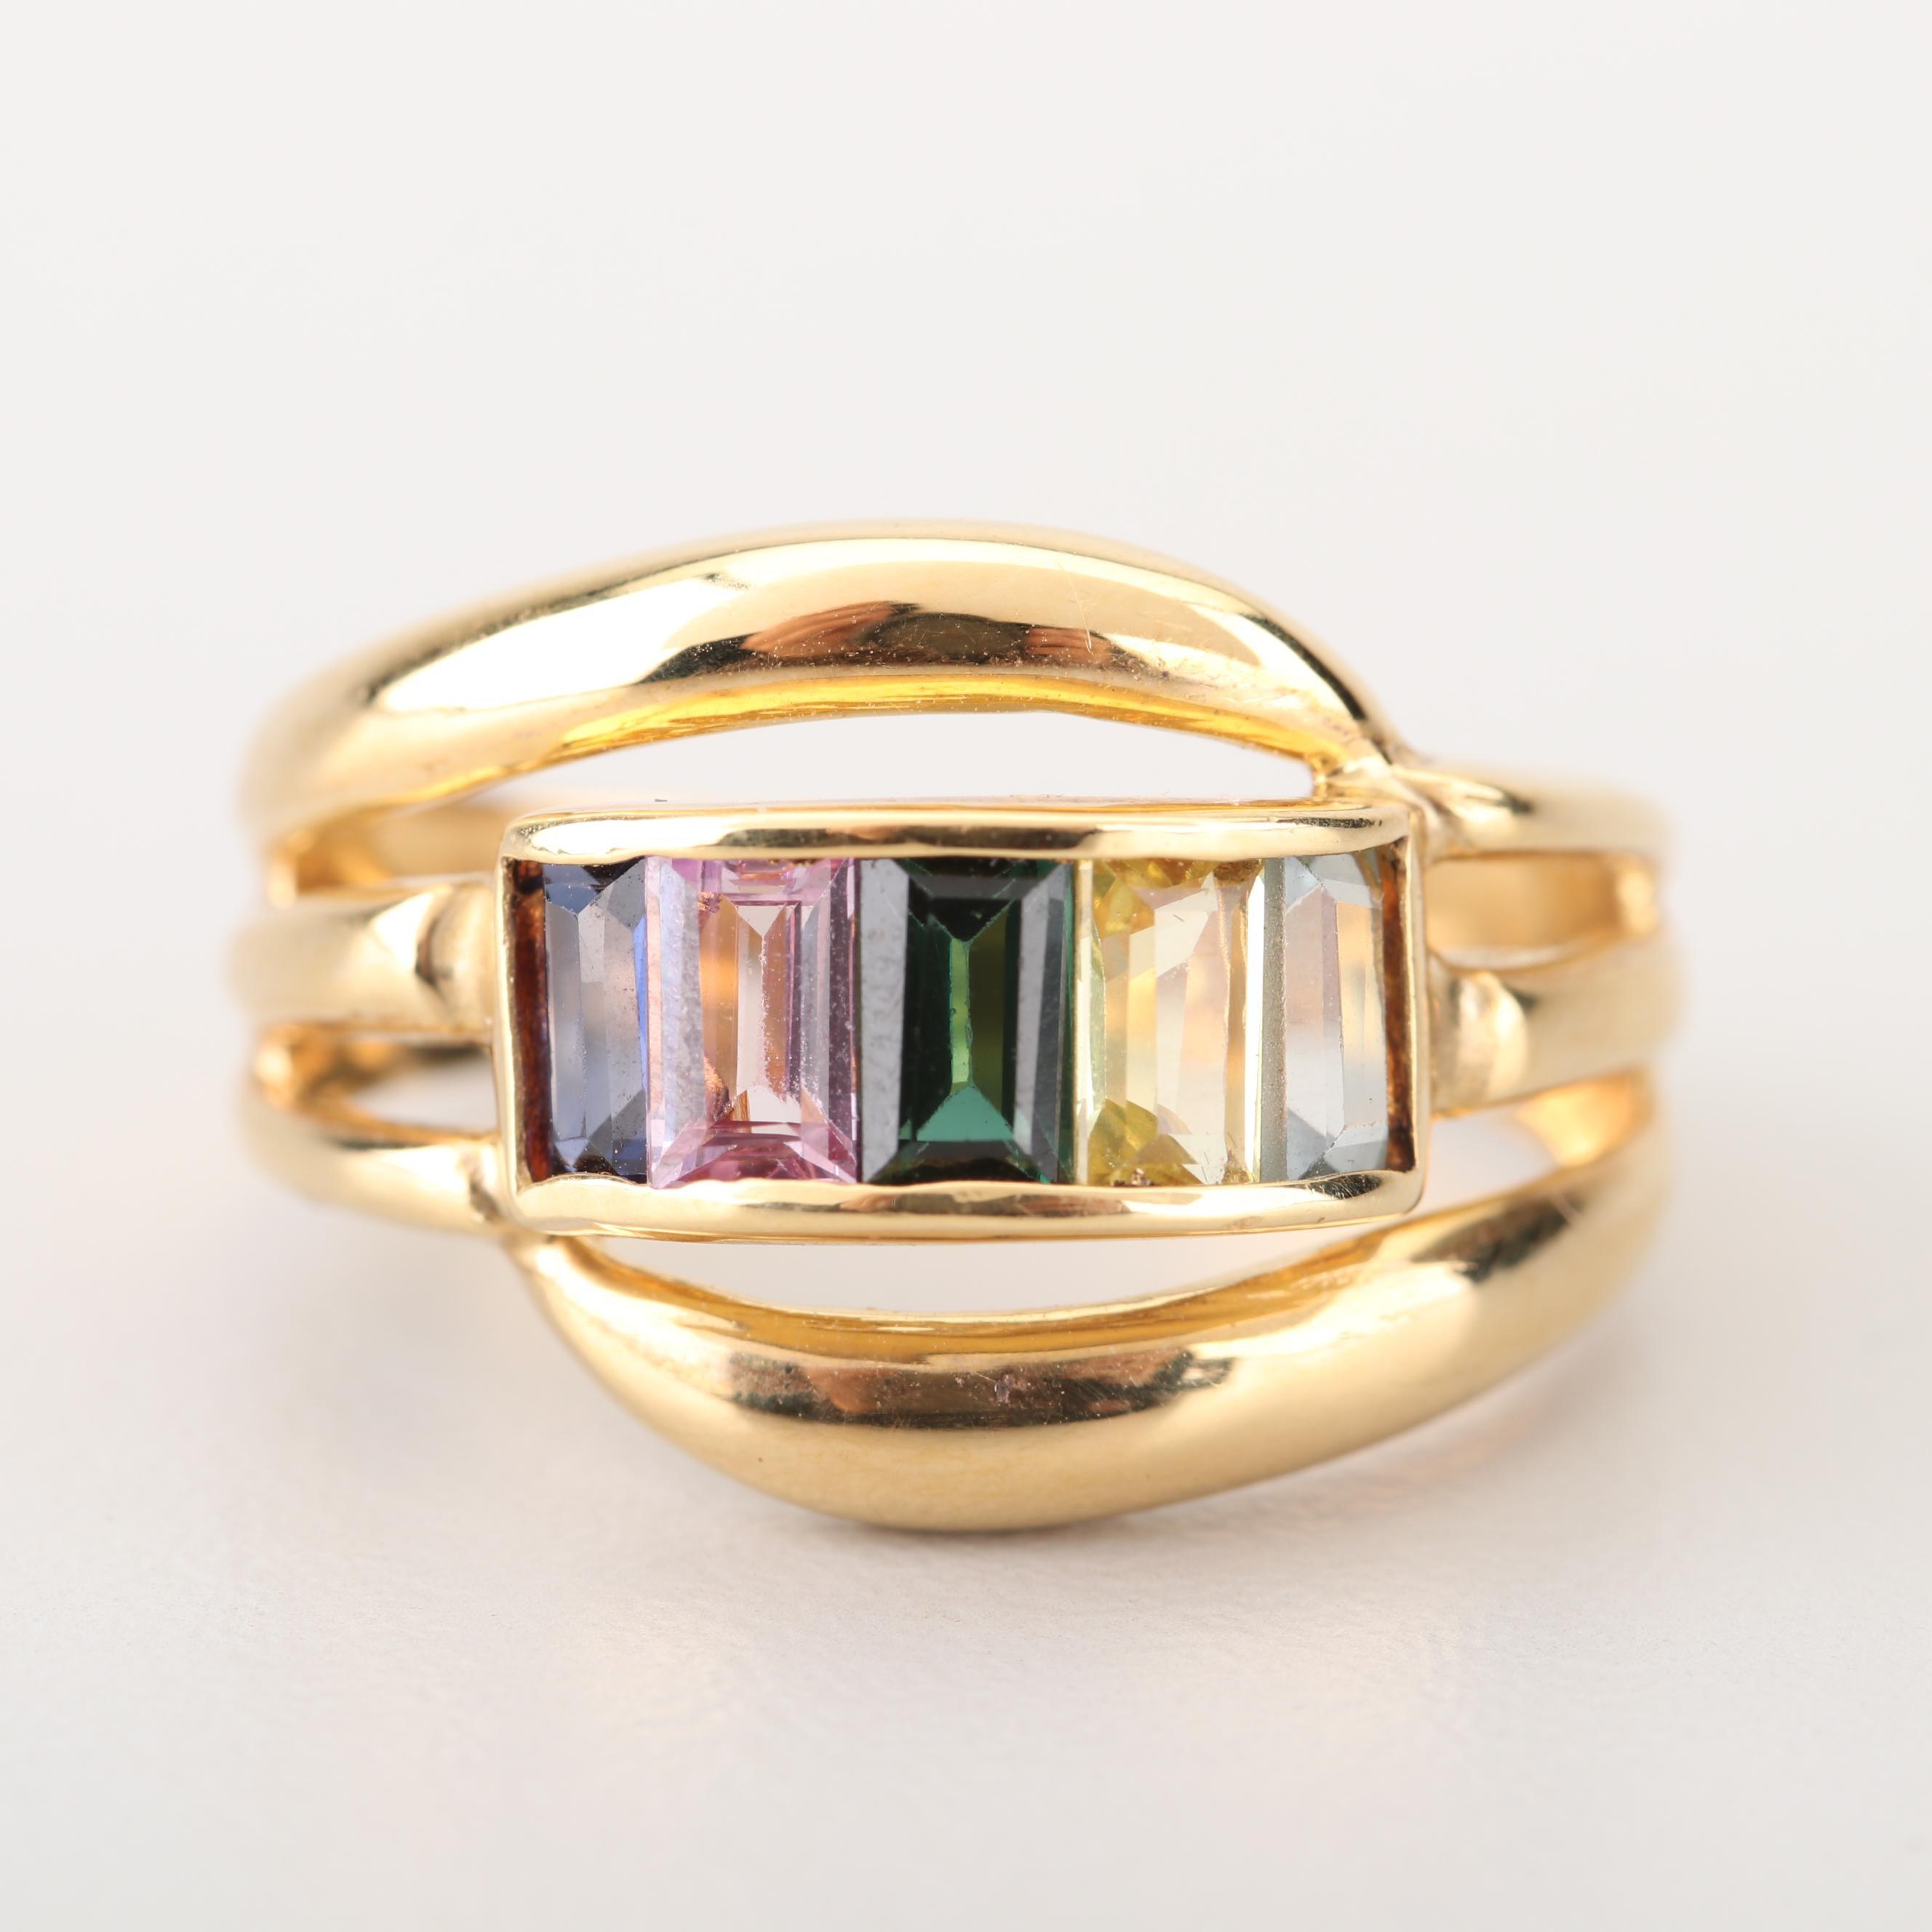 18K Yellow Gold Gemstone Ring